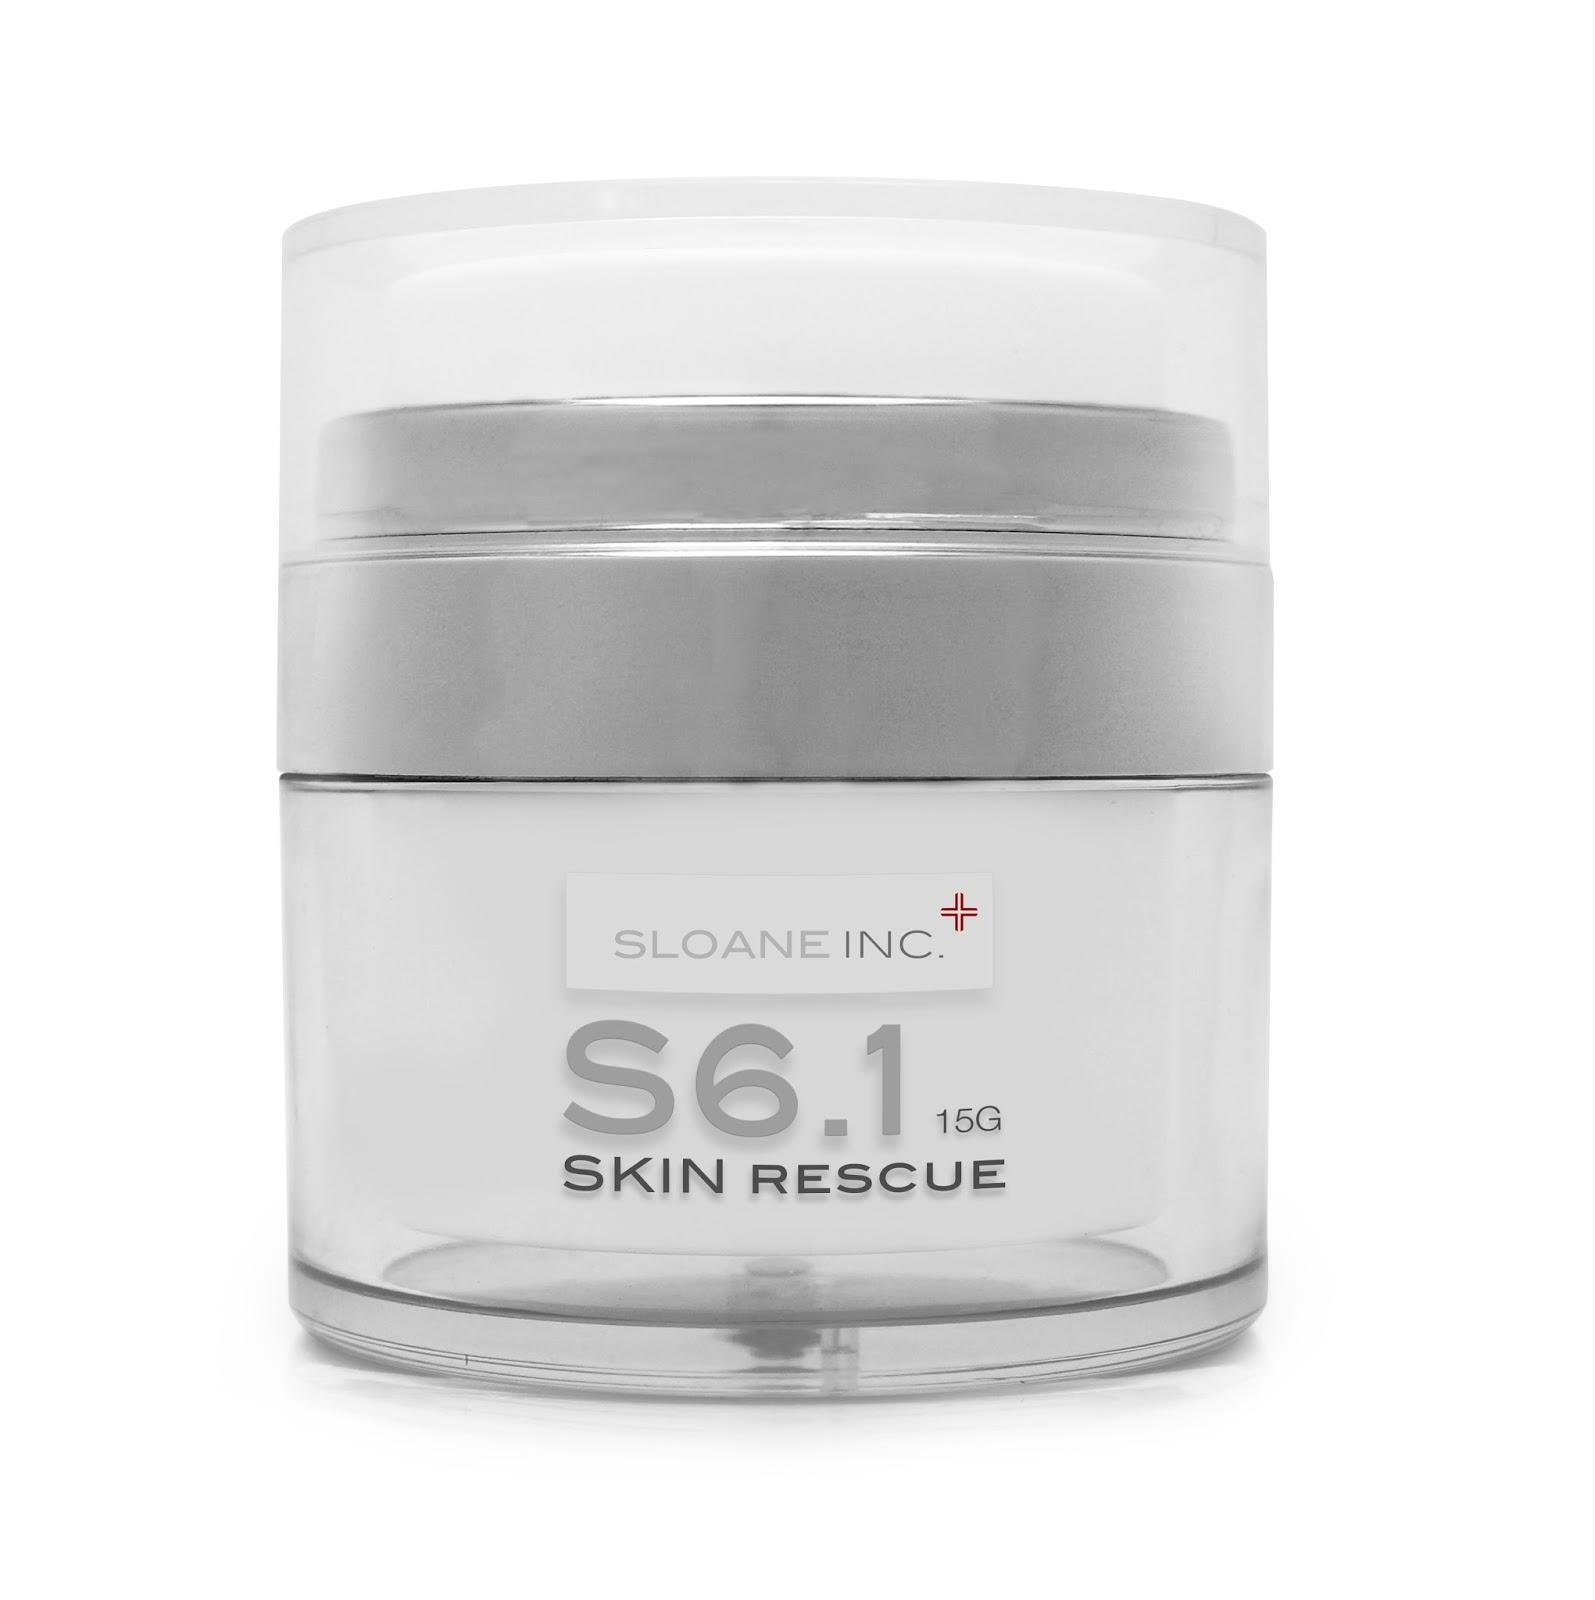 masque contre l'acné efficace 4 ans